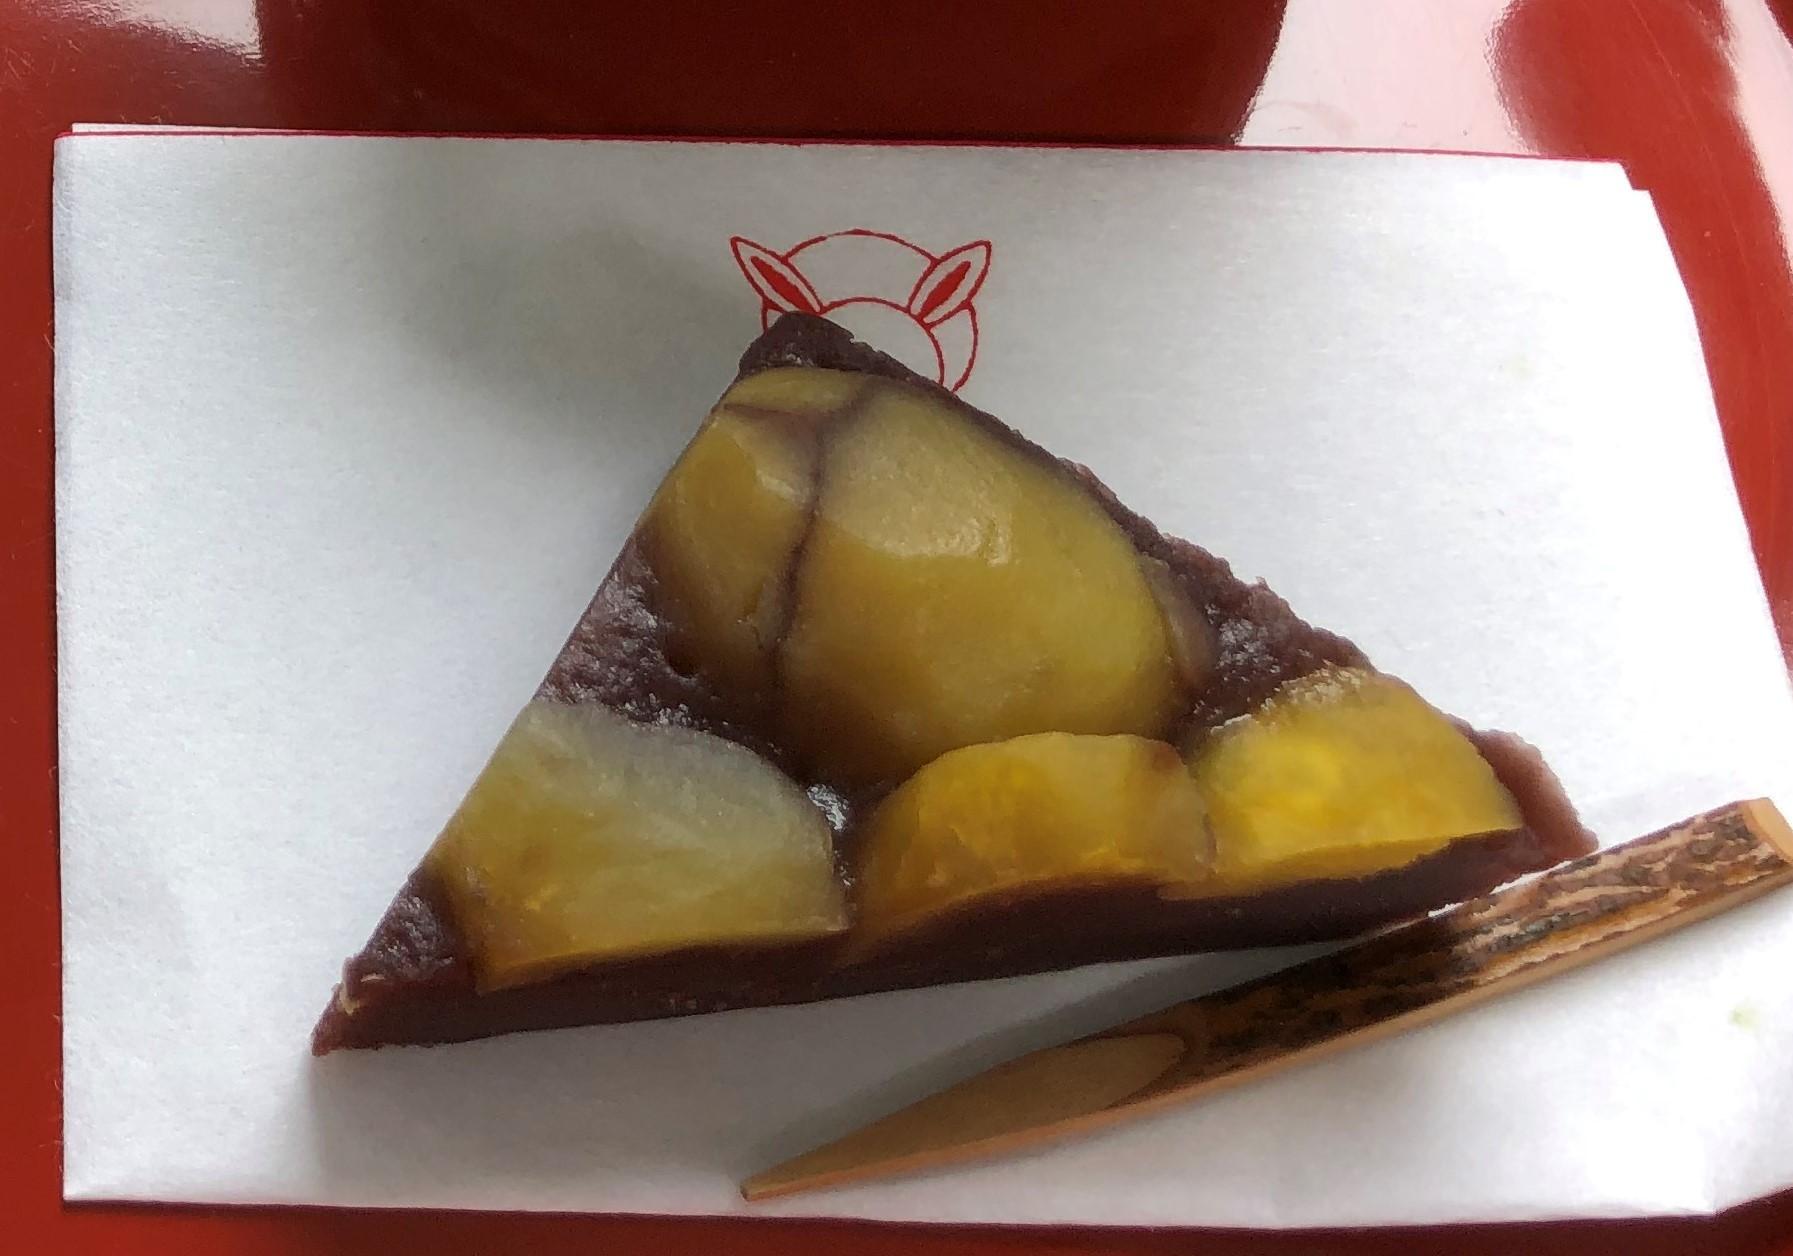 栗菓子食べながら タバコの値上げに気づく_a0346704_14402612.jpg